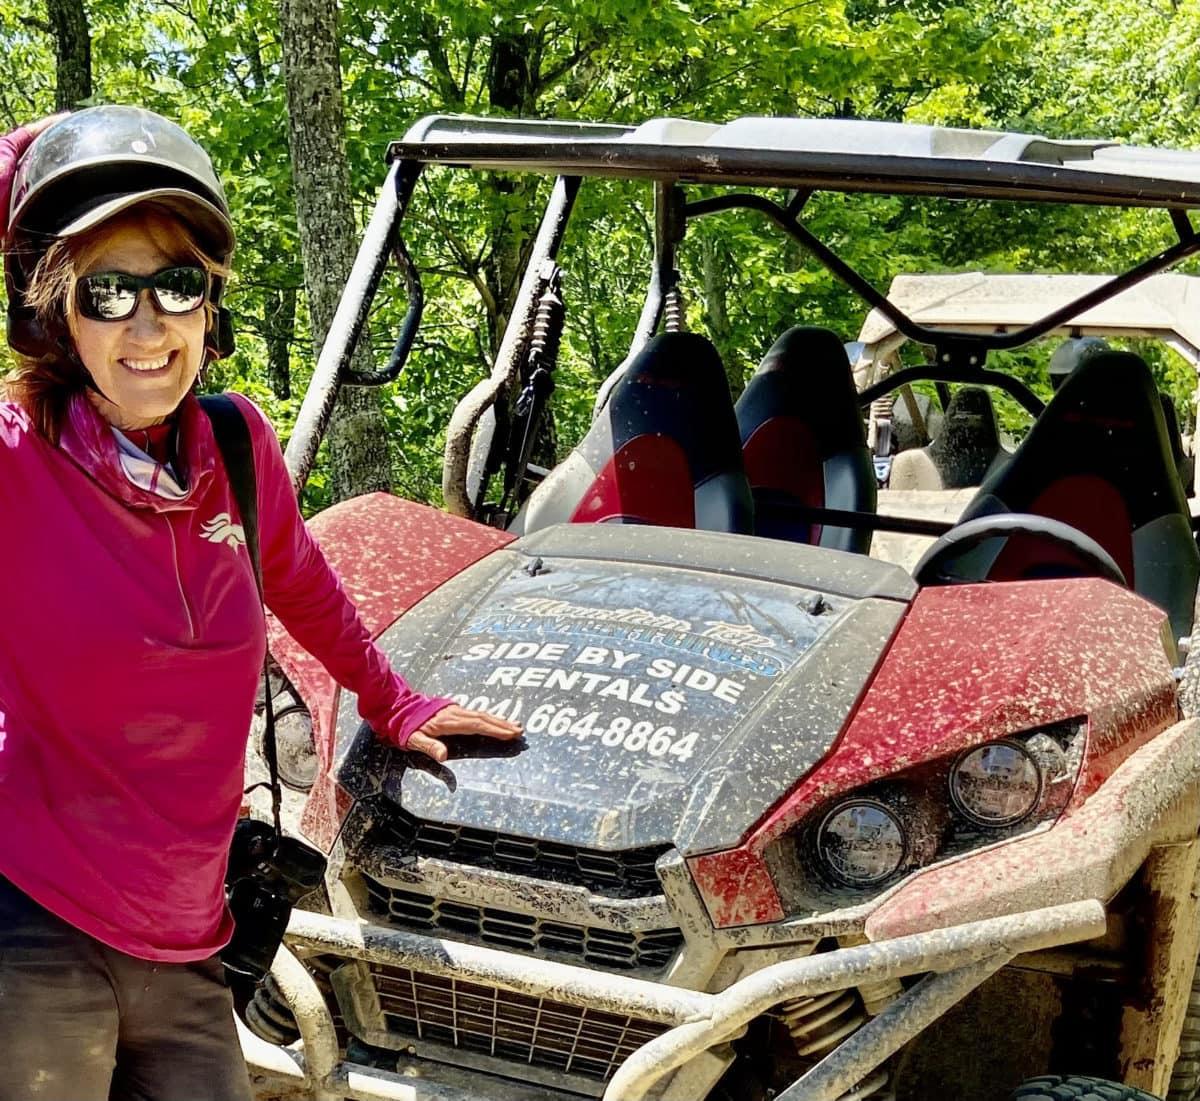 ATV tour West Virginia